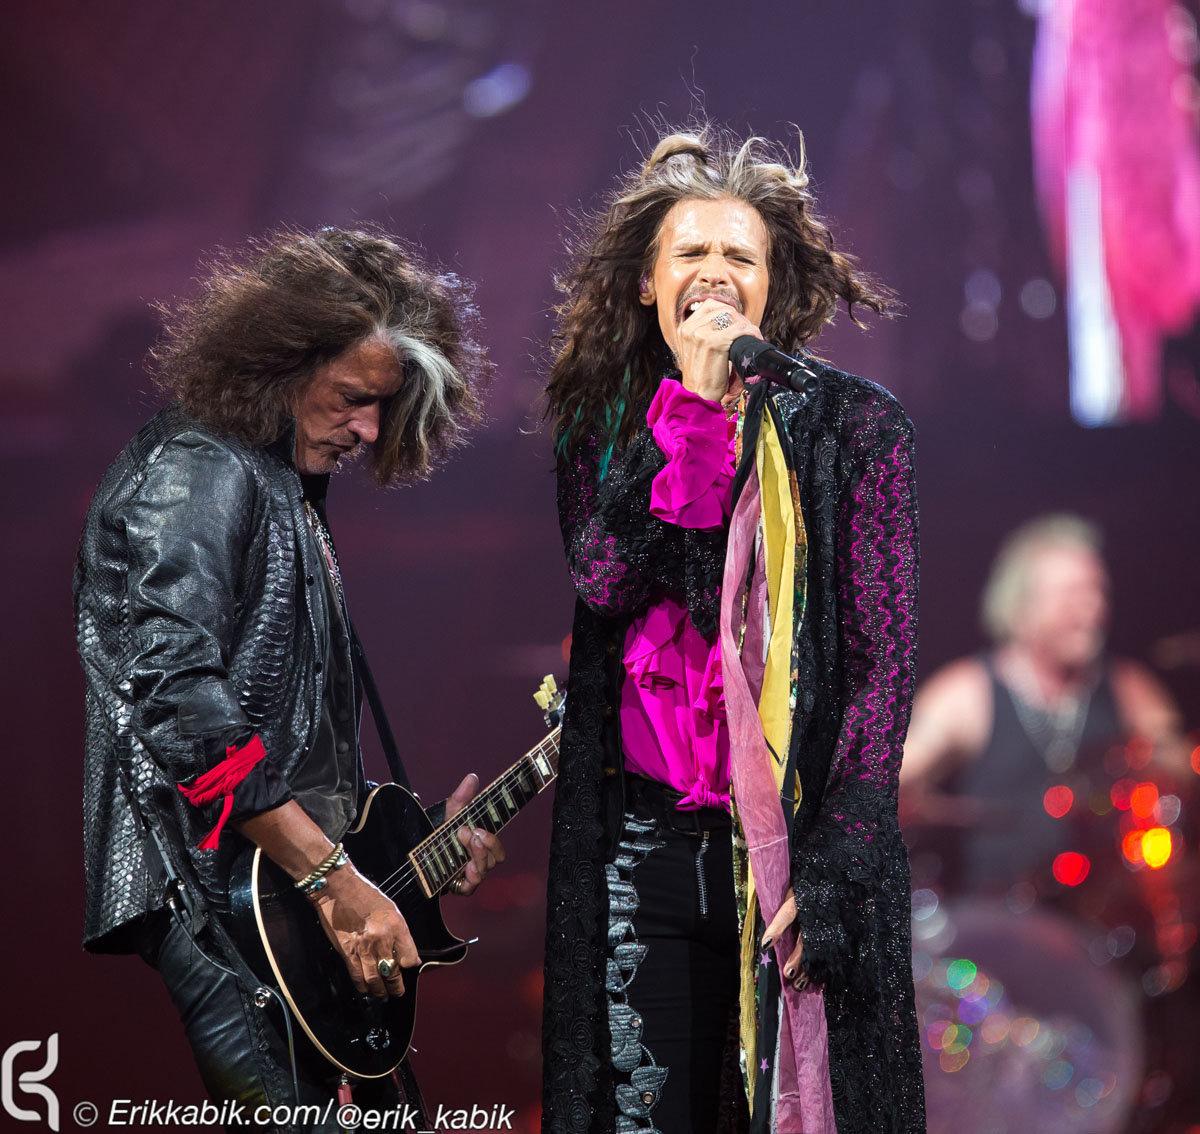 08_01_15_Aerosmith_MGM_kabik-110.jpg